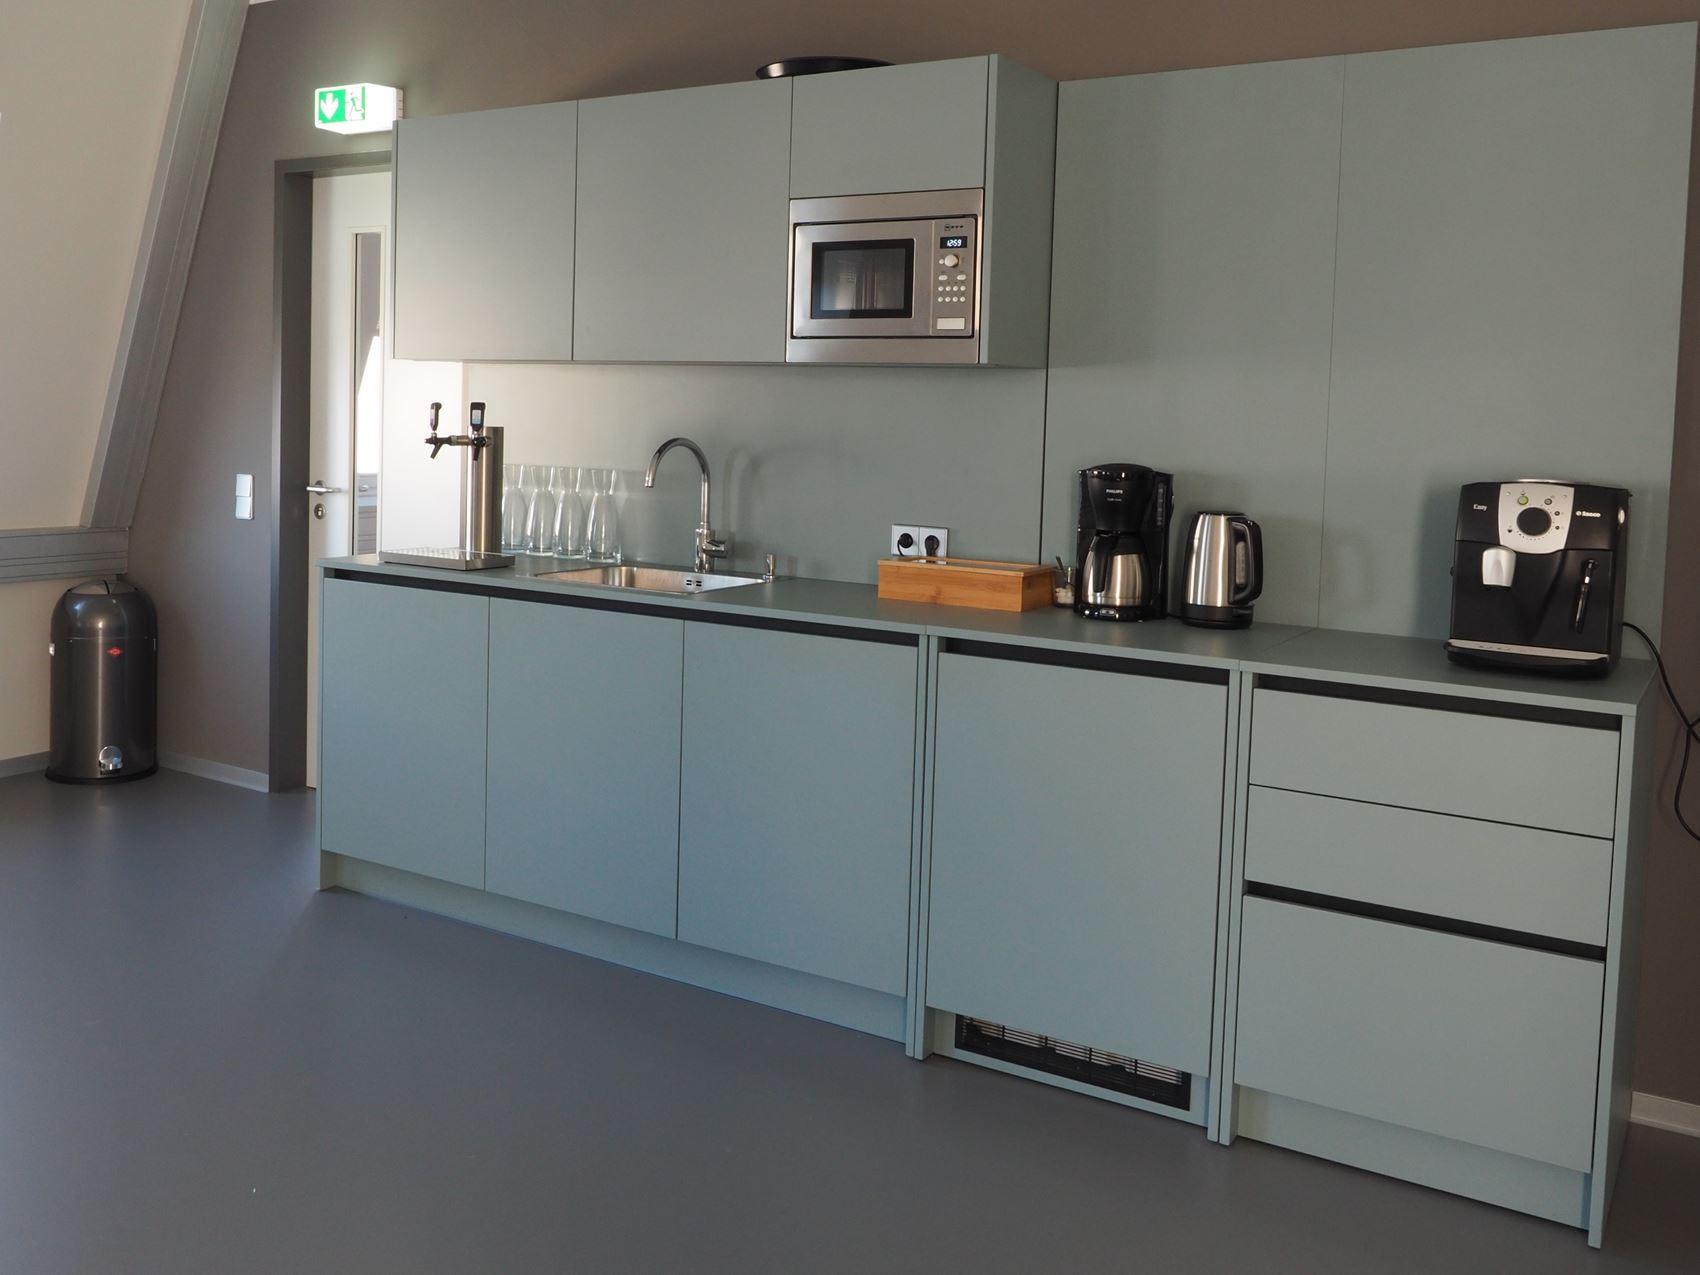 Kücheneinrichtung für Mitarbeiter Tischlerei ©HAMBURGERmöbel